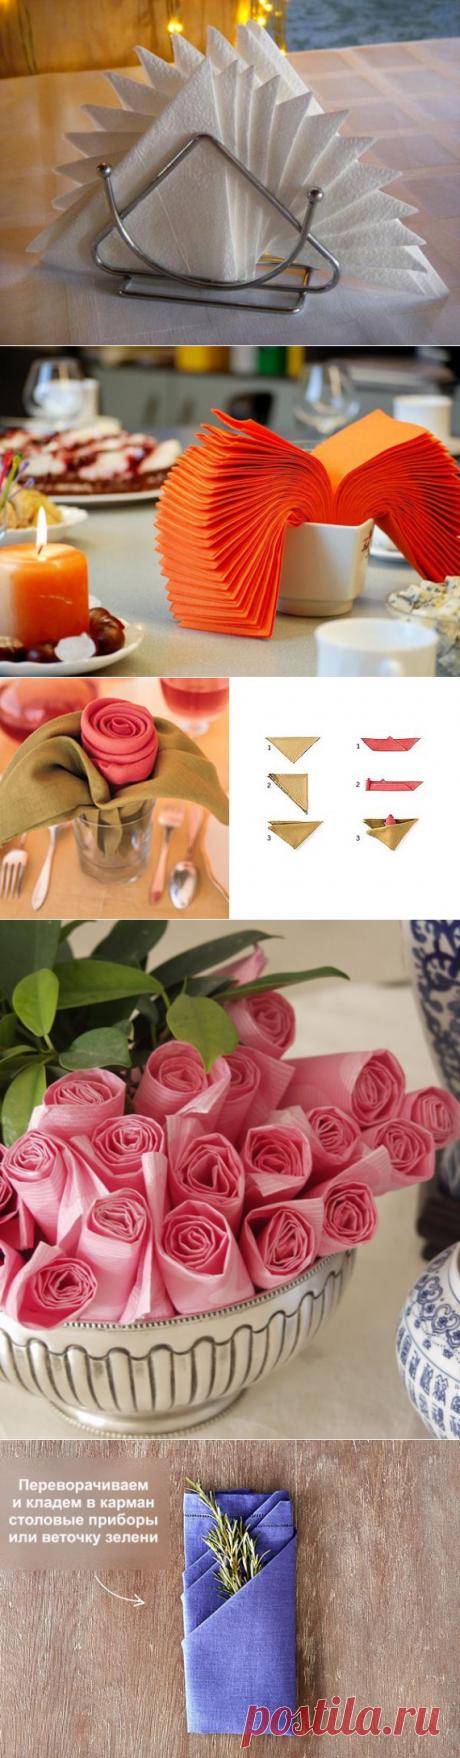 Как красиво сложить салфетки на праздничный стол — лучшие схемы